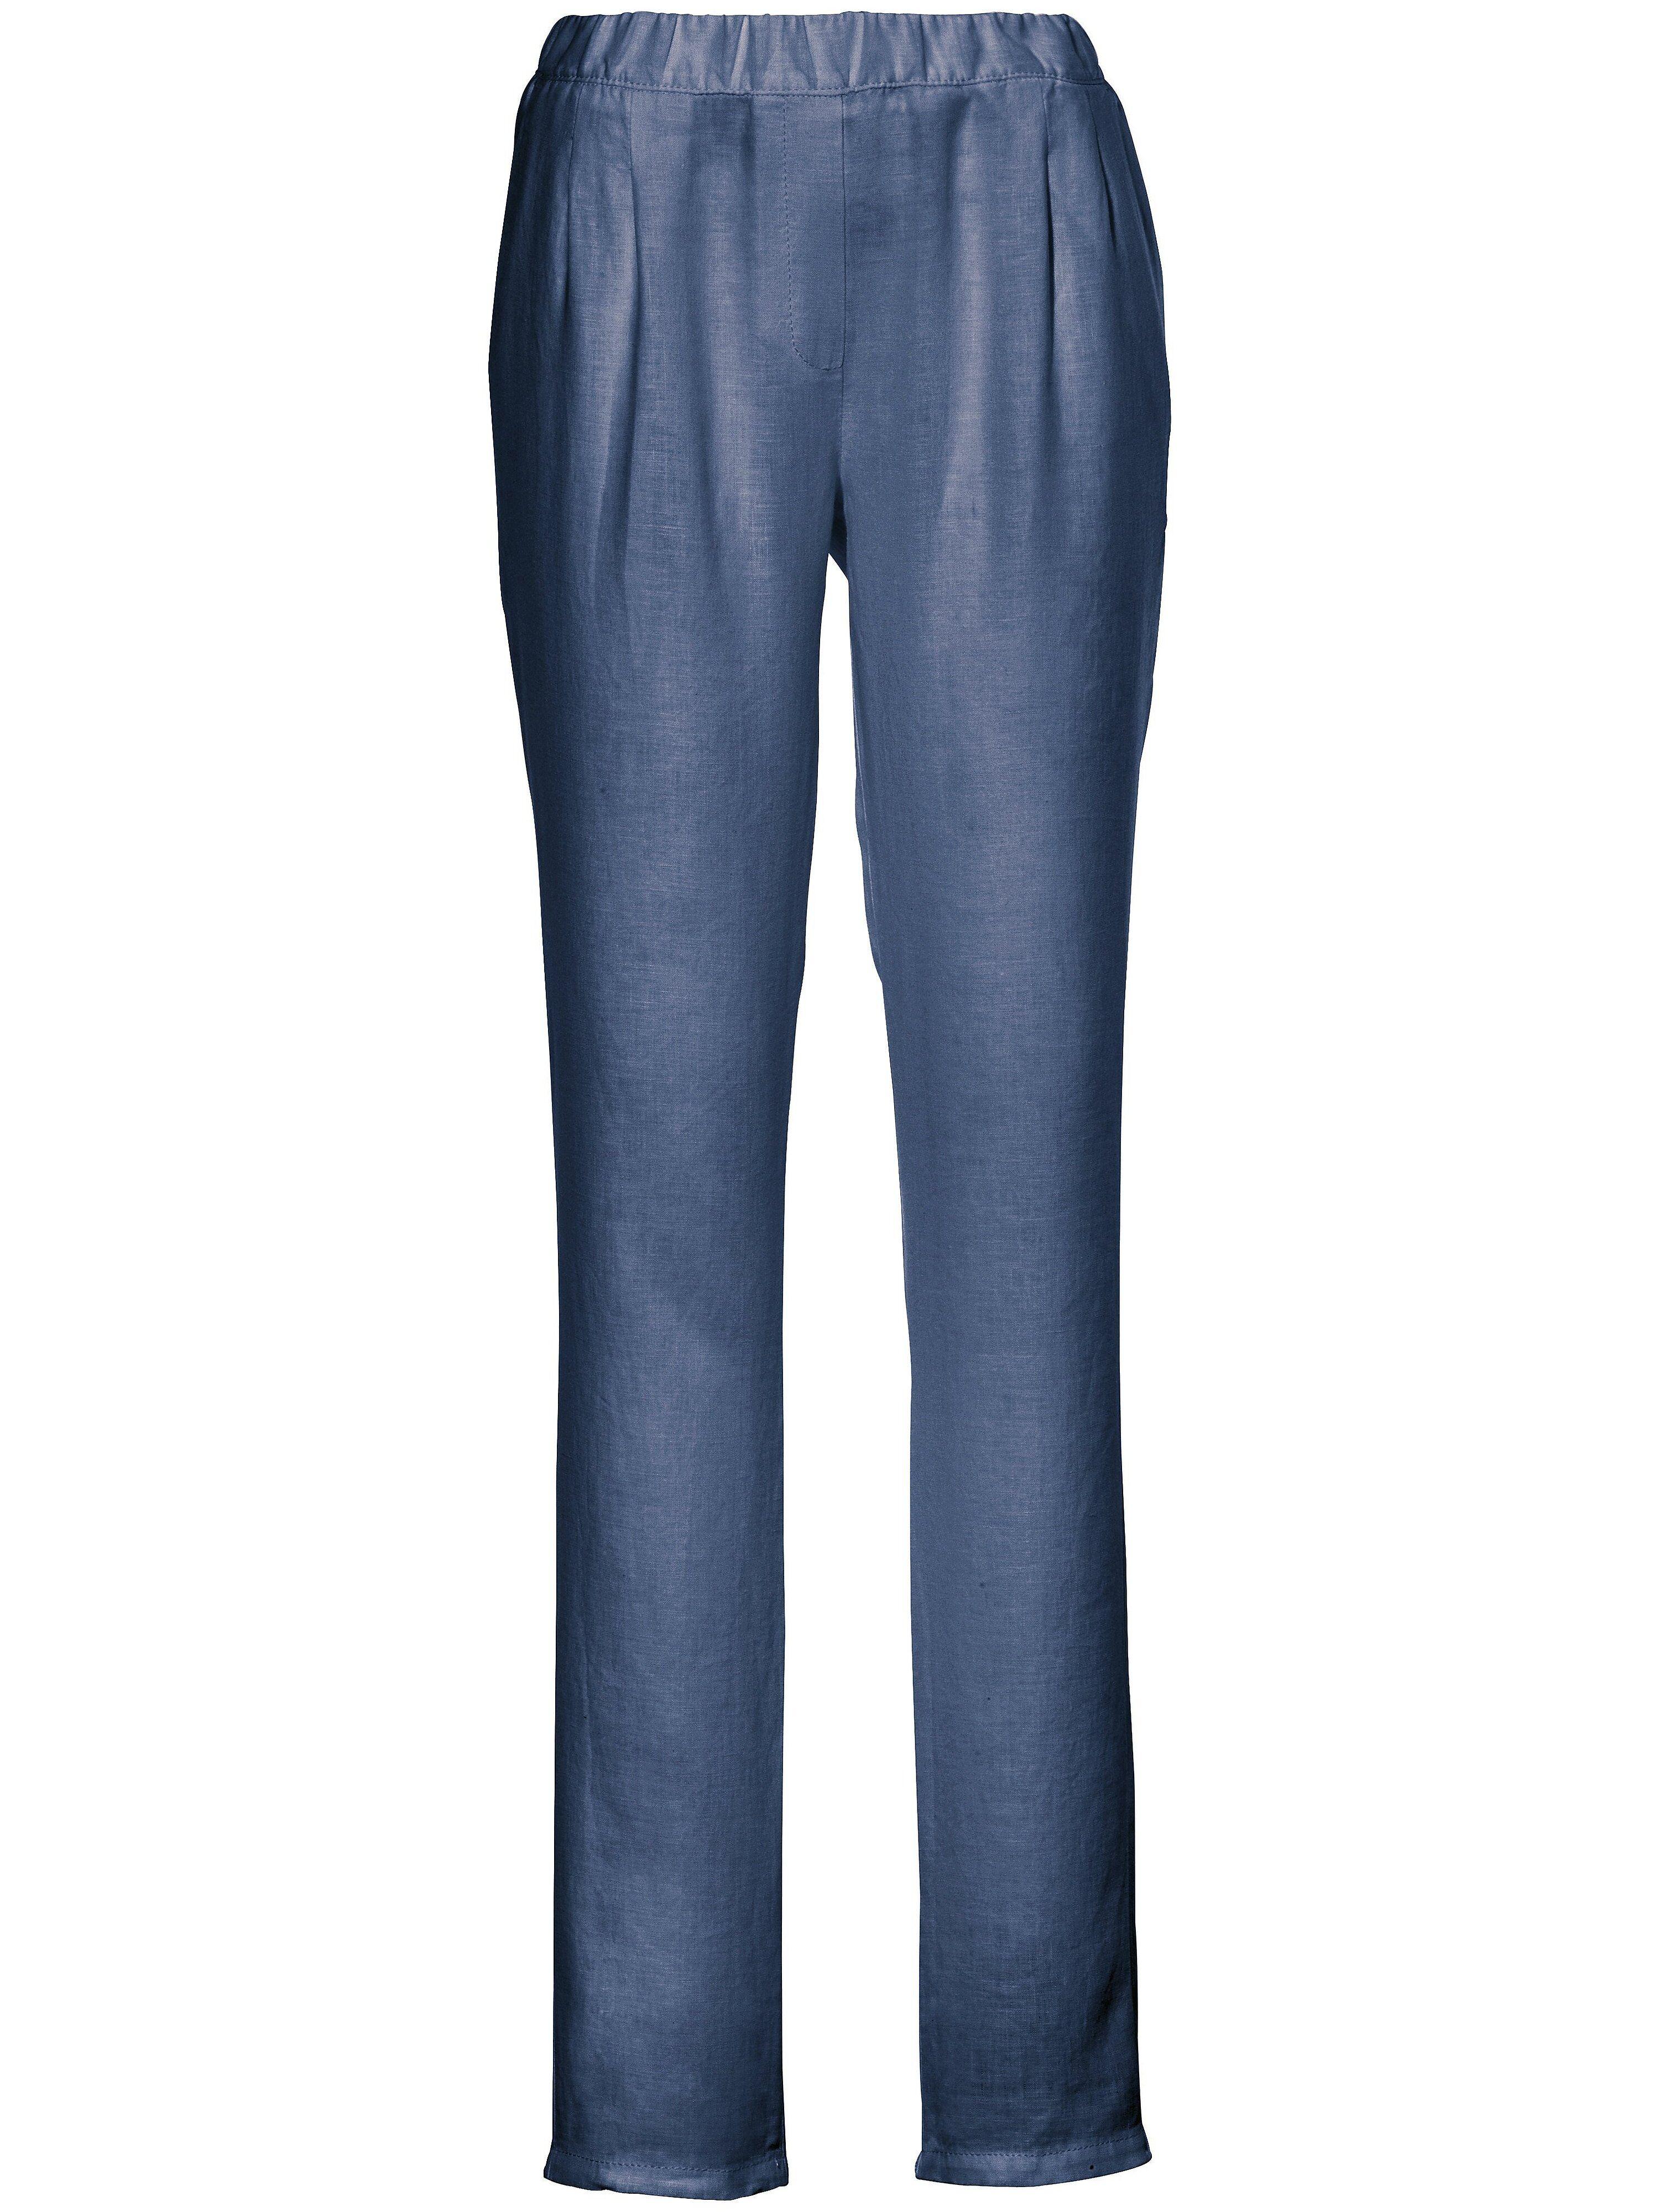 Peter Hahn Le pantalon à pinces  Peter Hahn bleu  - Femme - 22